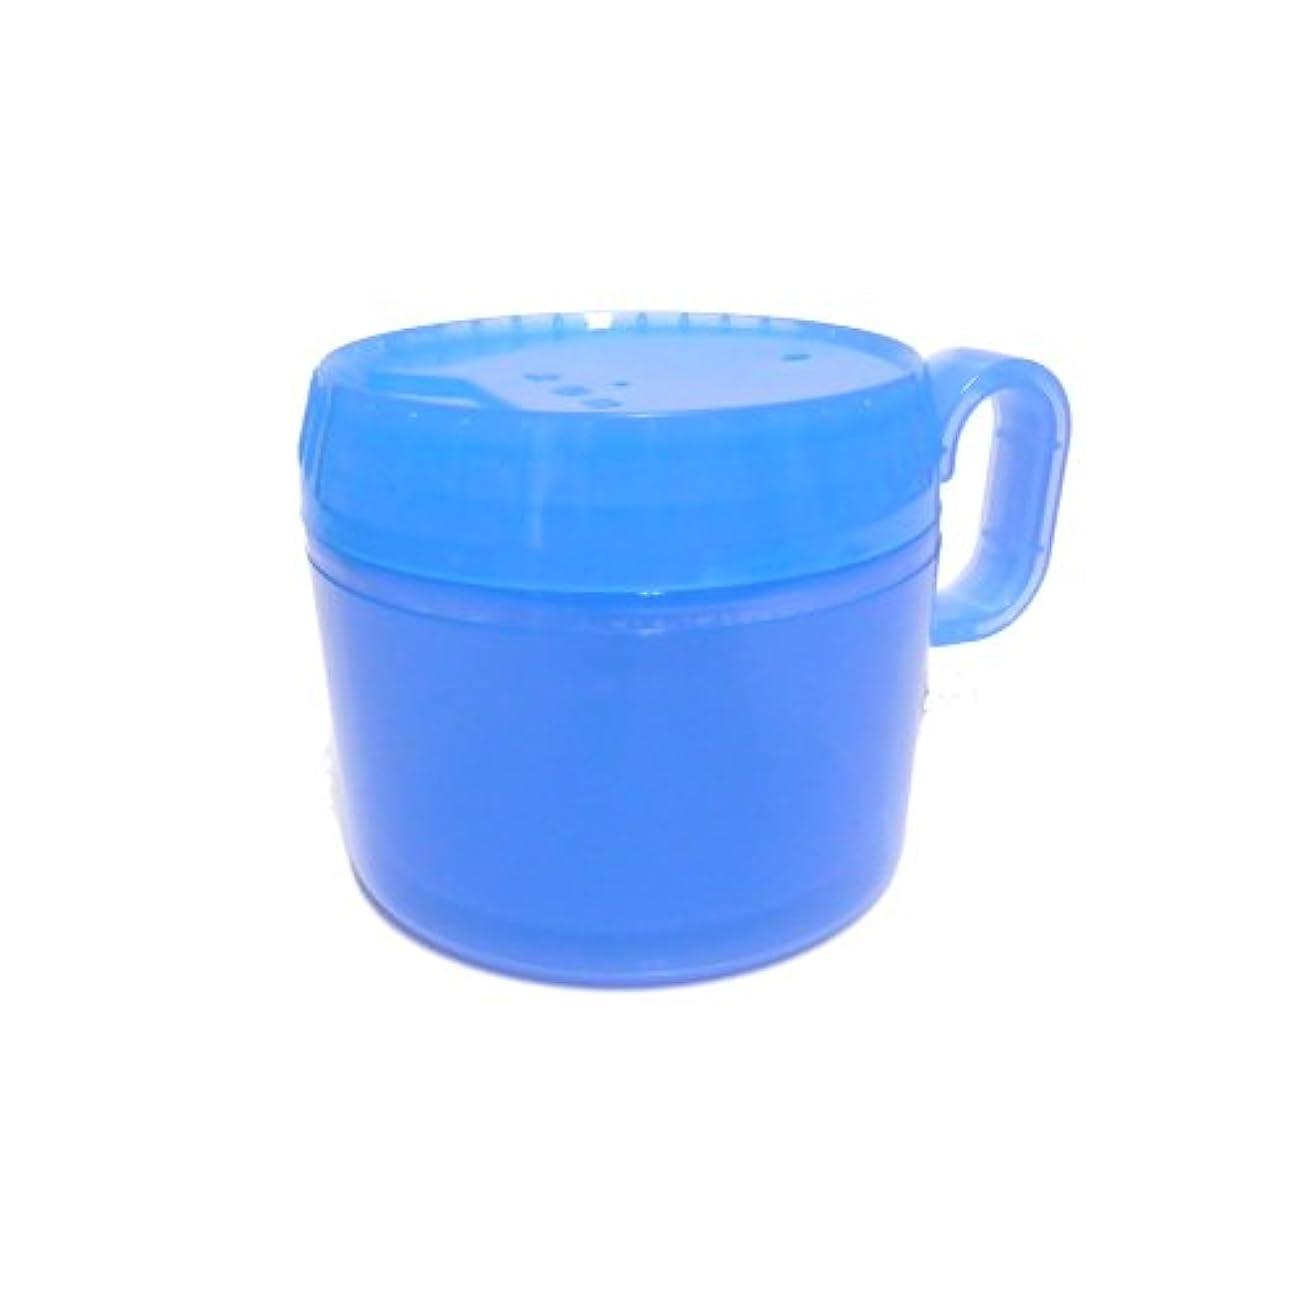 トリム宇宙船寸法ニッシン フィジオ クリーン キラリ 入れ歯 保温洗浄容器